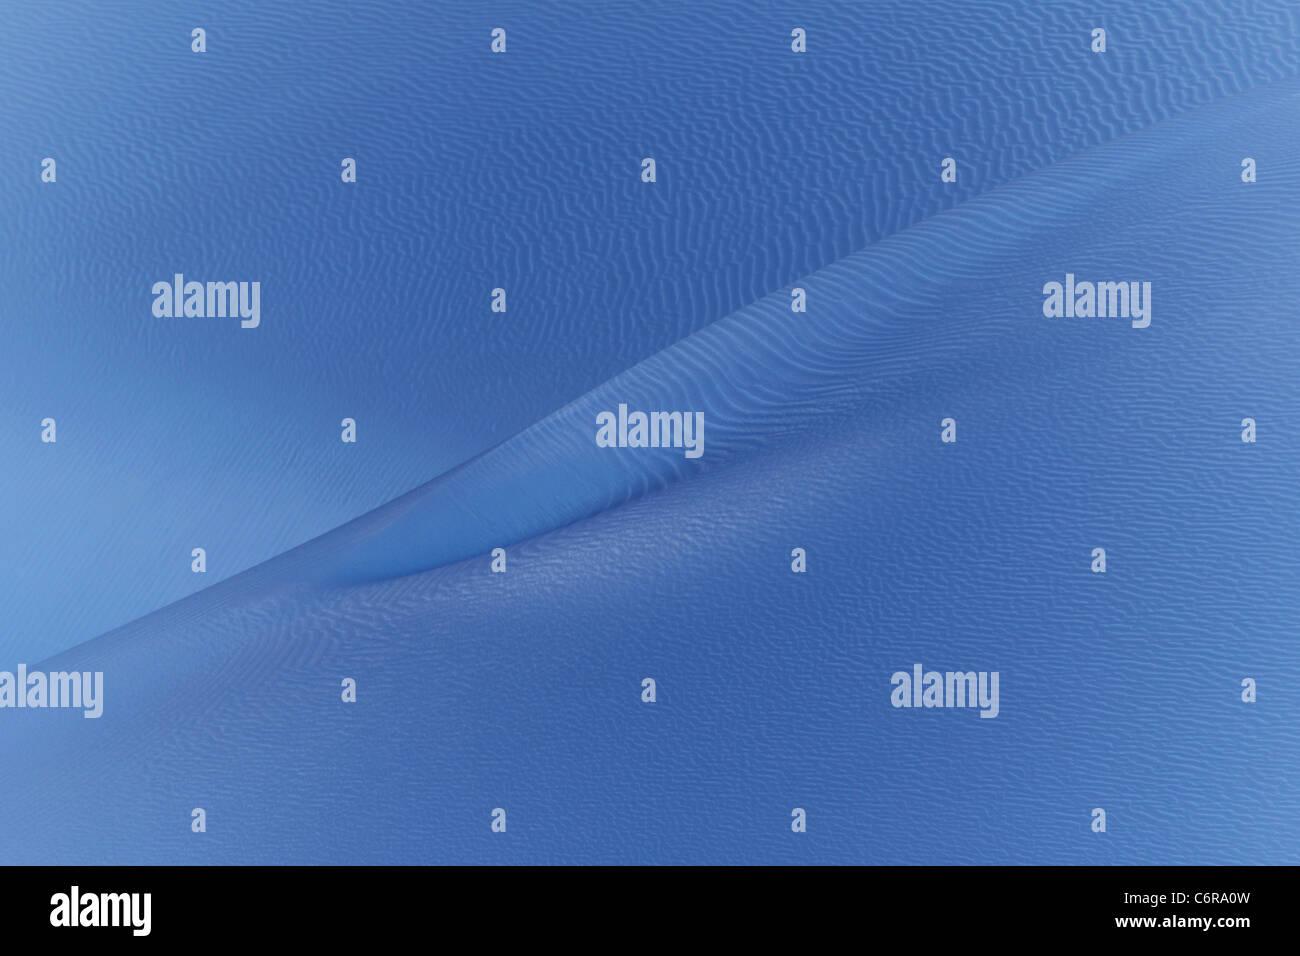 El viento sopla la arena gira artística Azul Ártico dando la apariencia de arena o hielo. Imagen De Stock